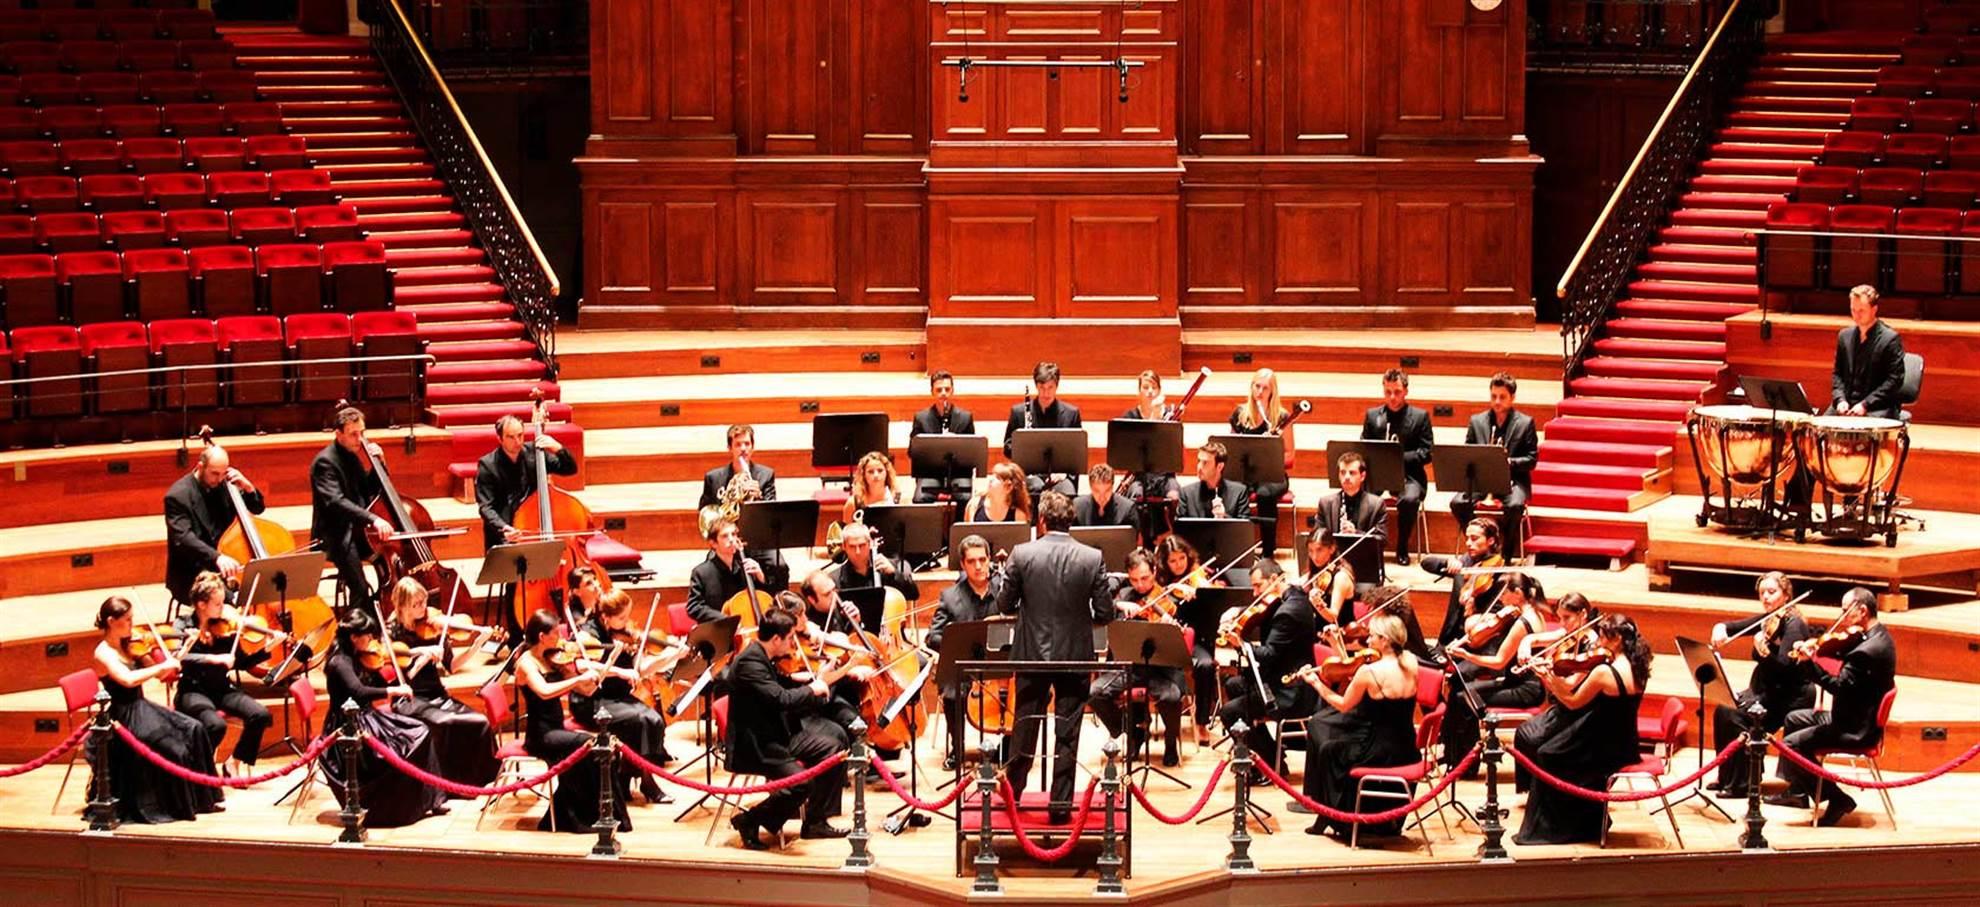 Concierto nocturno (la sala principal) del Concertgebow